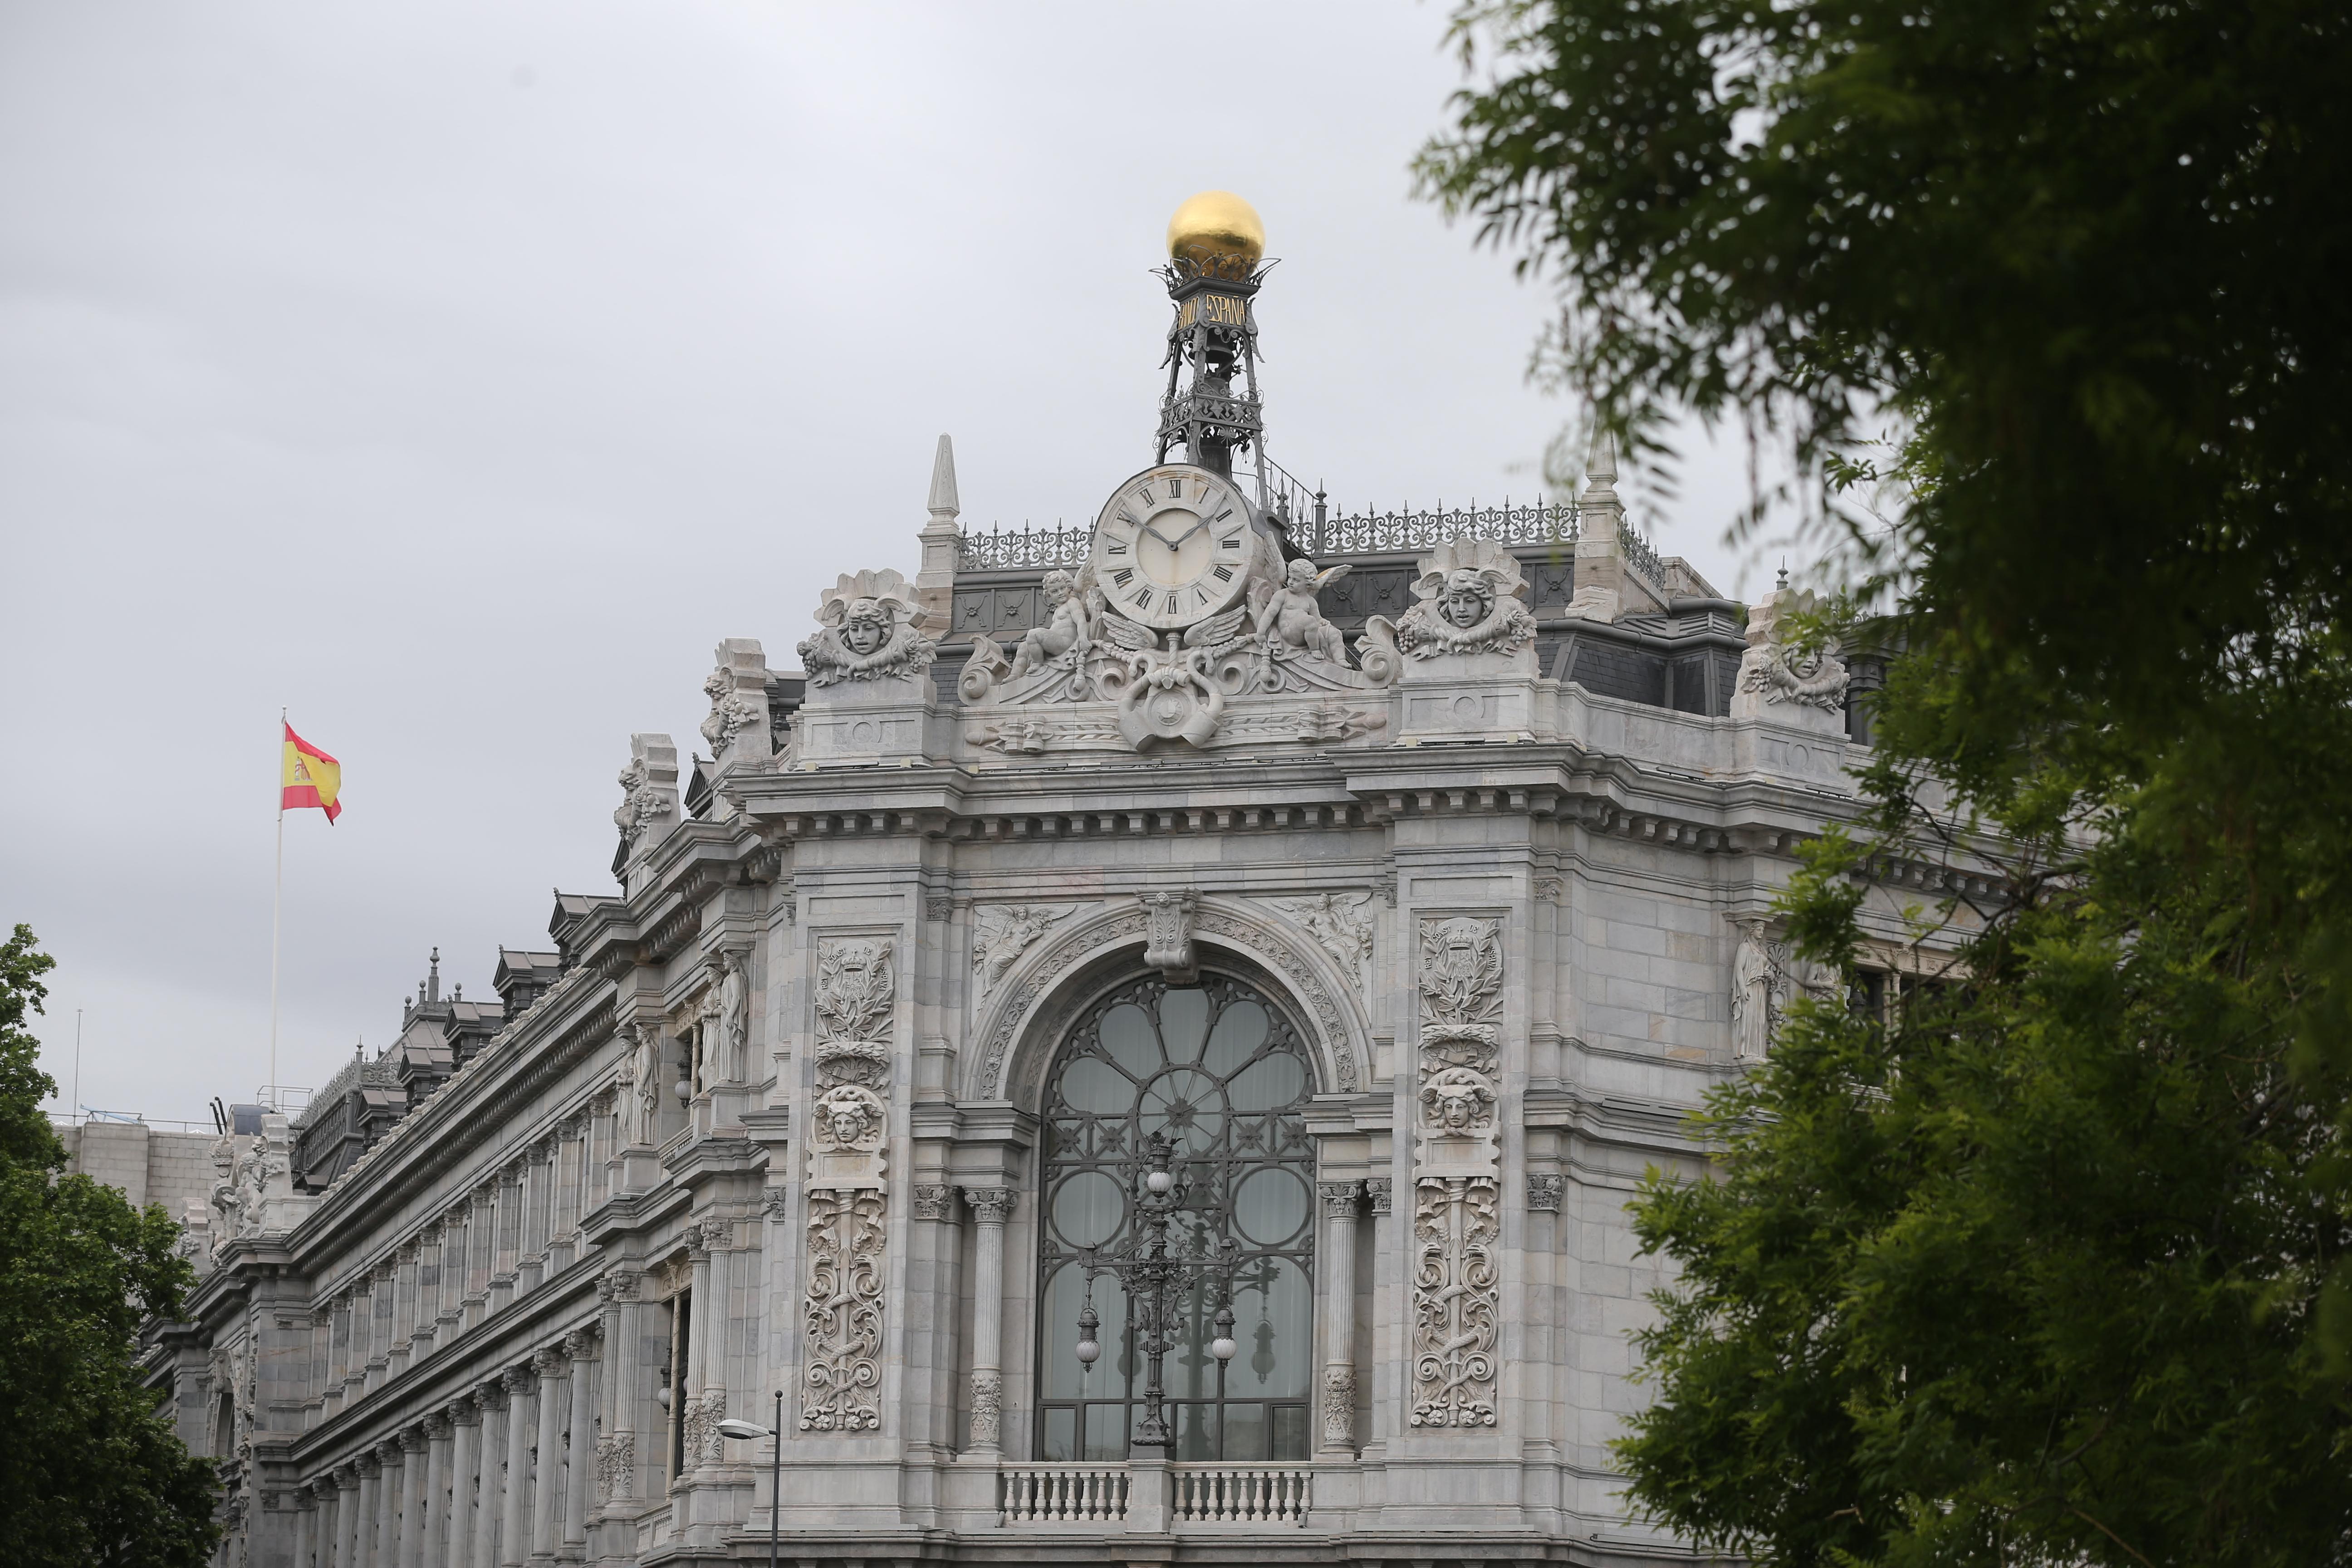 Cúpula de la sede del Banco de España el día que ha publicado su informe anual, a 13 de mayo de 2021, en Madrid (España).